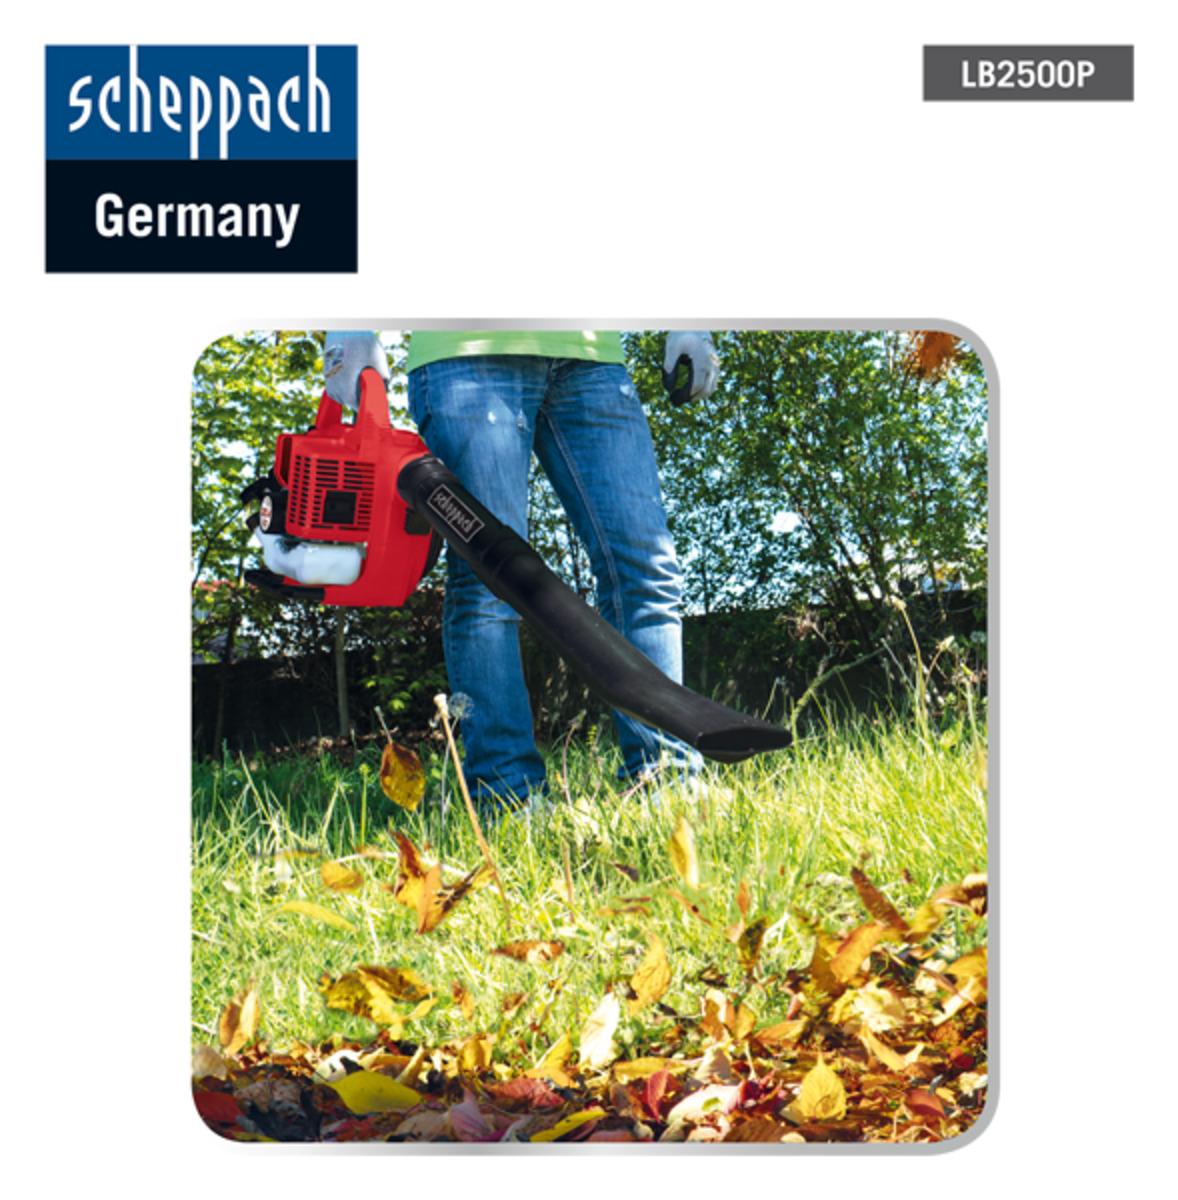 Bild 3 von Scheppach Benzin-Laubbläser LB2500P